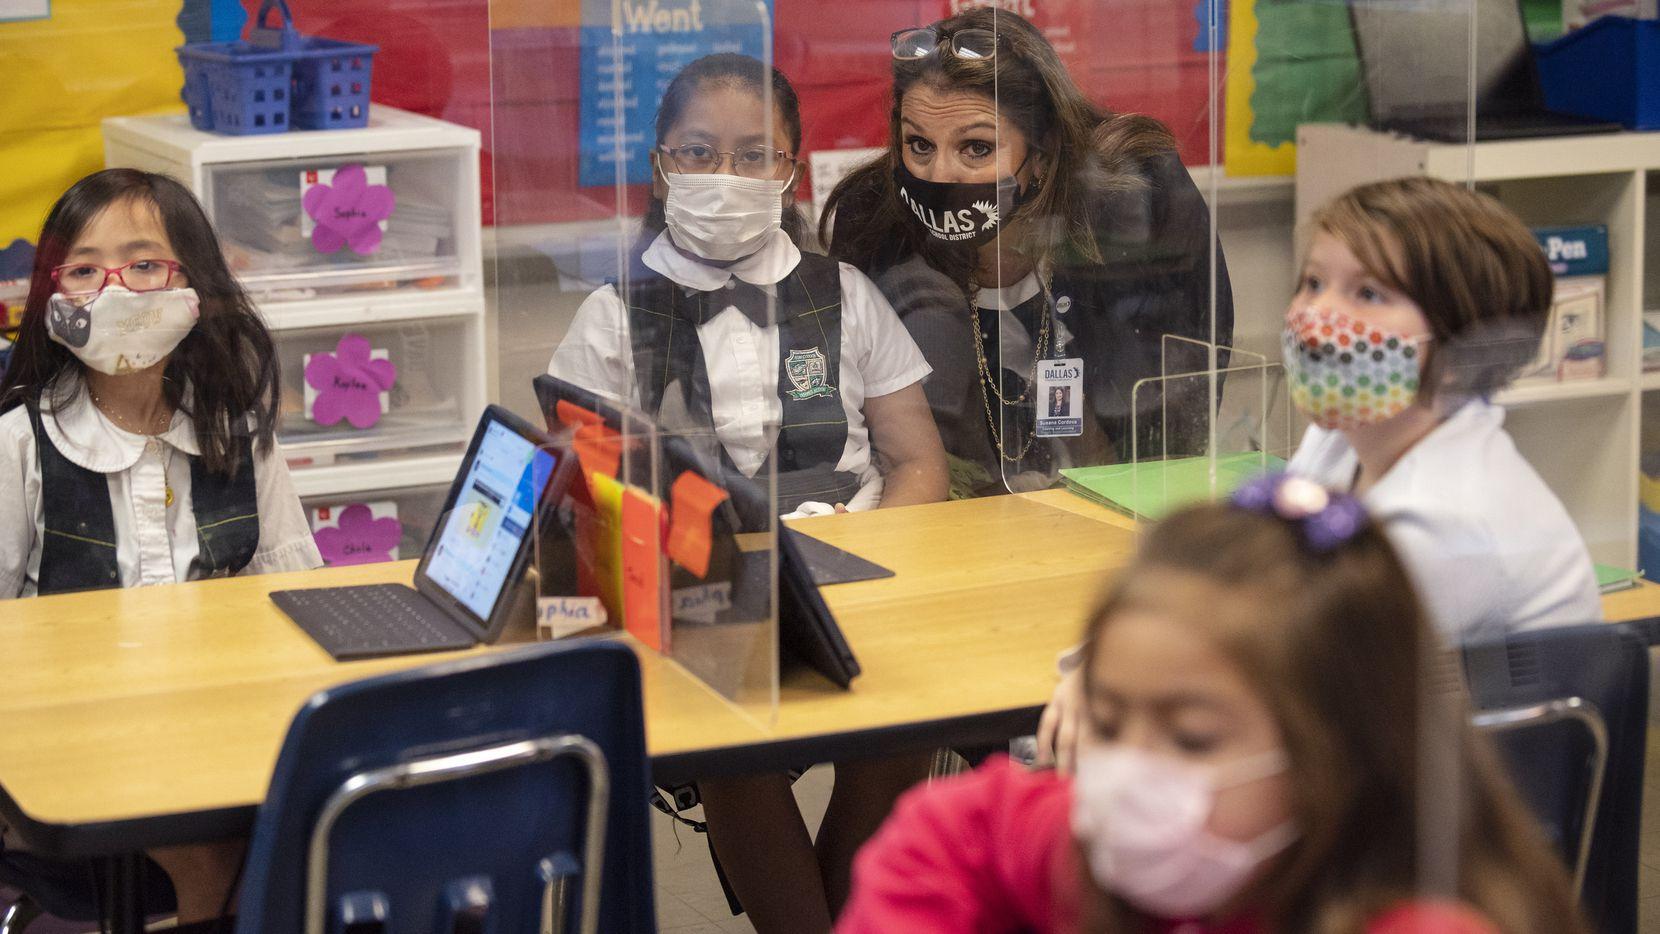 El distrito escolar de Dallas esta ofreciendo uniformes gratuitos para sus estudiantes.